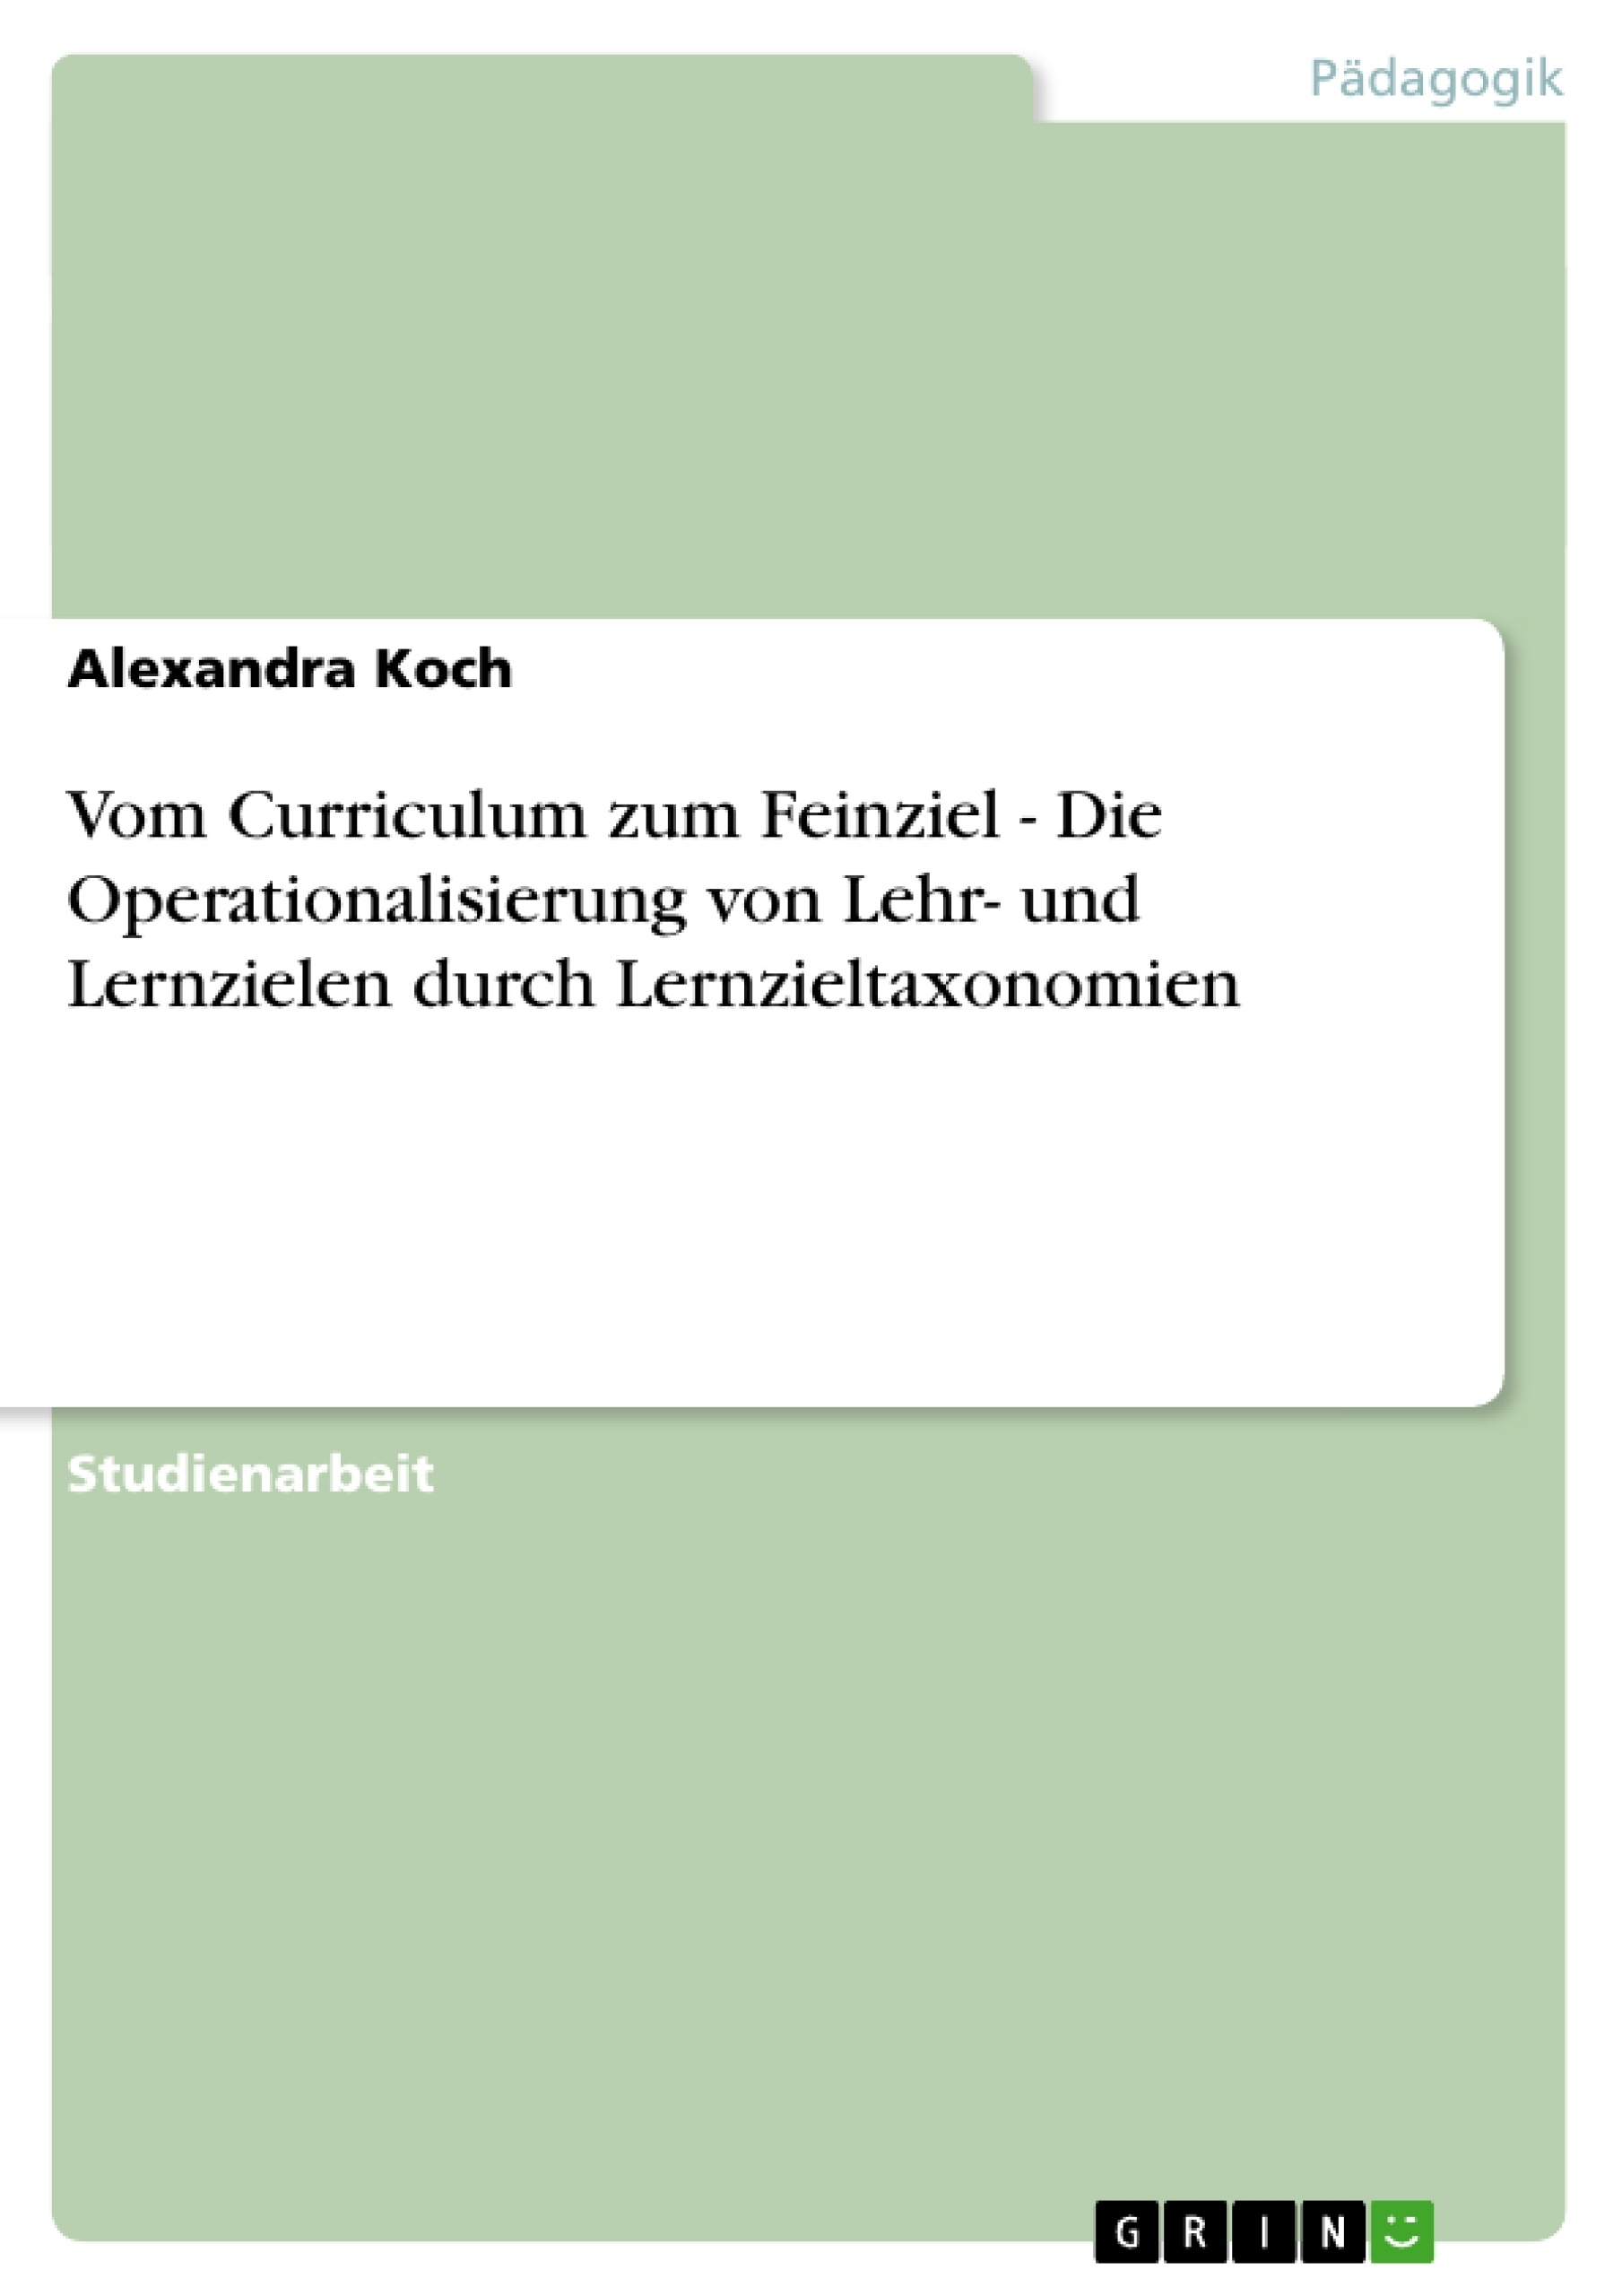 Titel: Vom Curriculum zum Feinziel - Die Operationalisierung von Lehr- und Lernzielen durch Lernzieltaxonomien